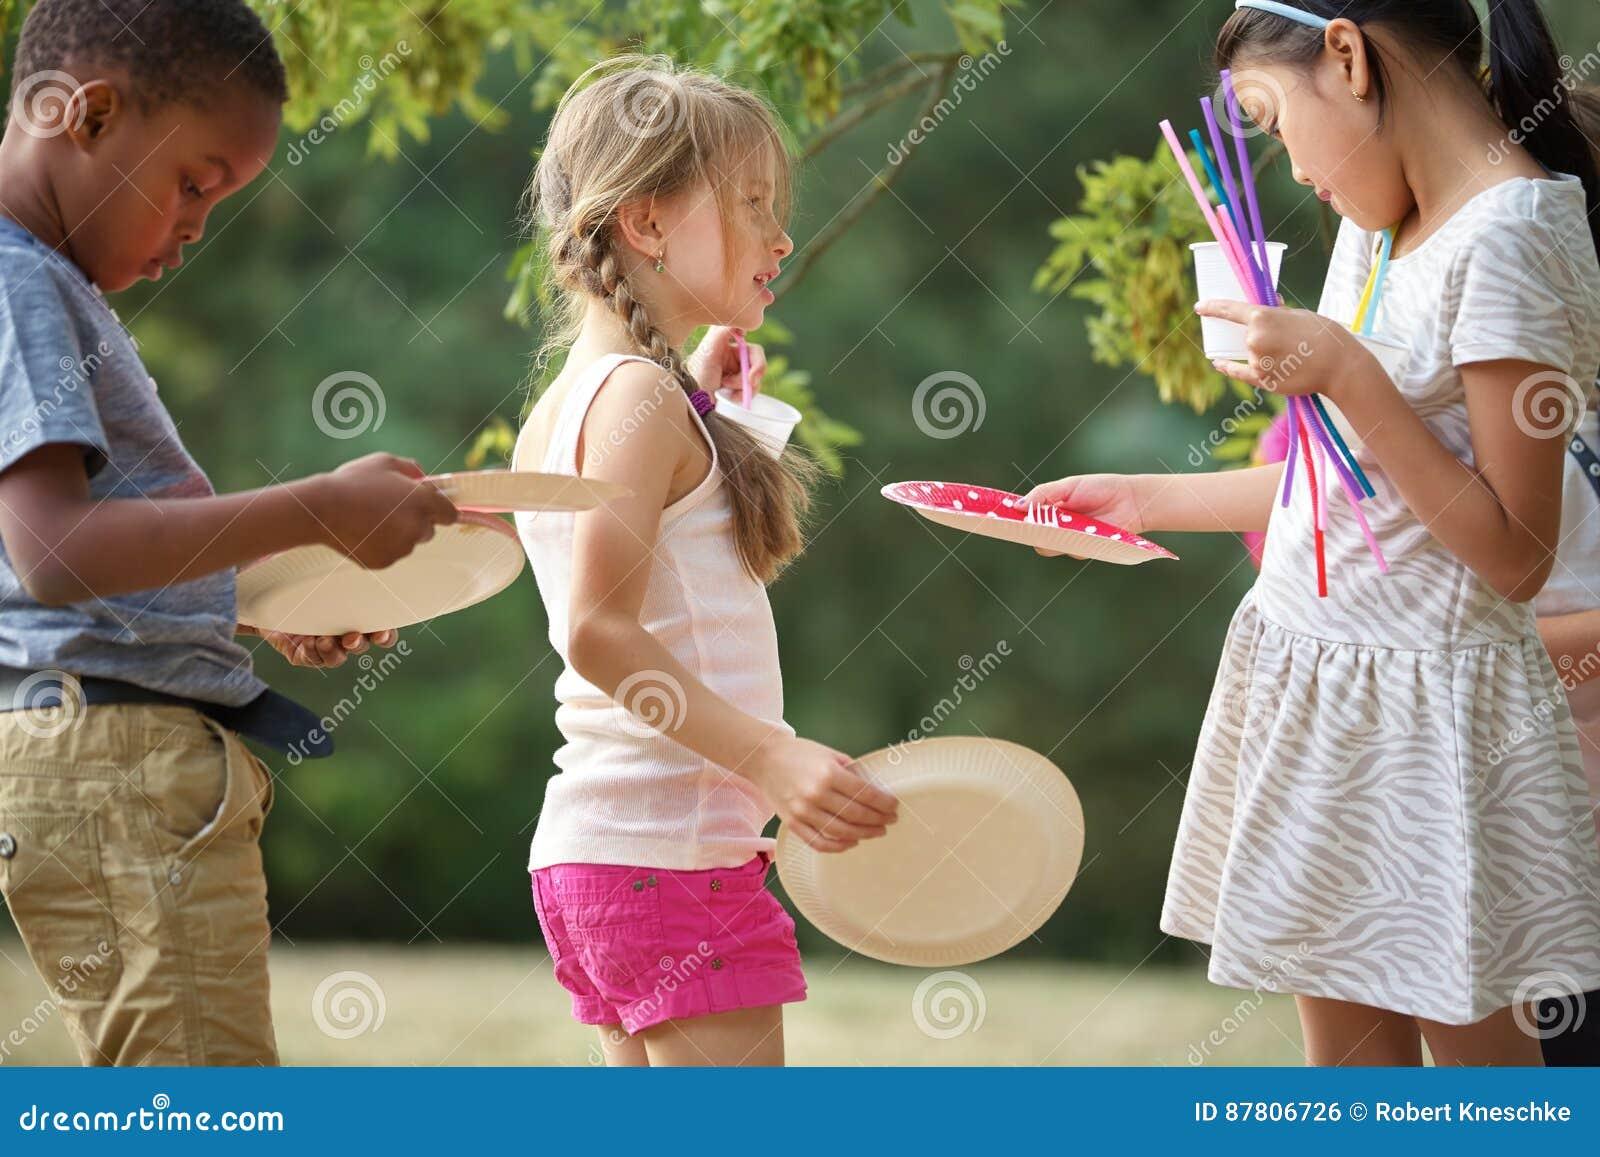 Los niños distribuyen las placas en un partido